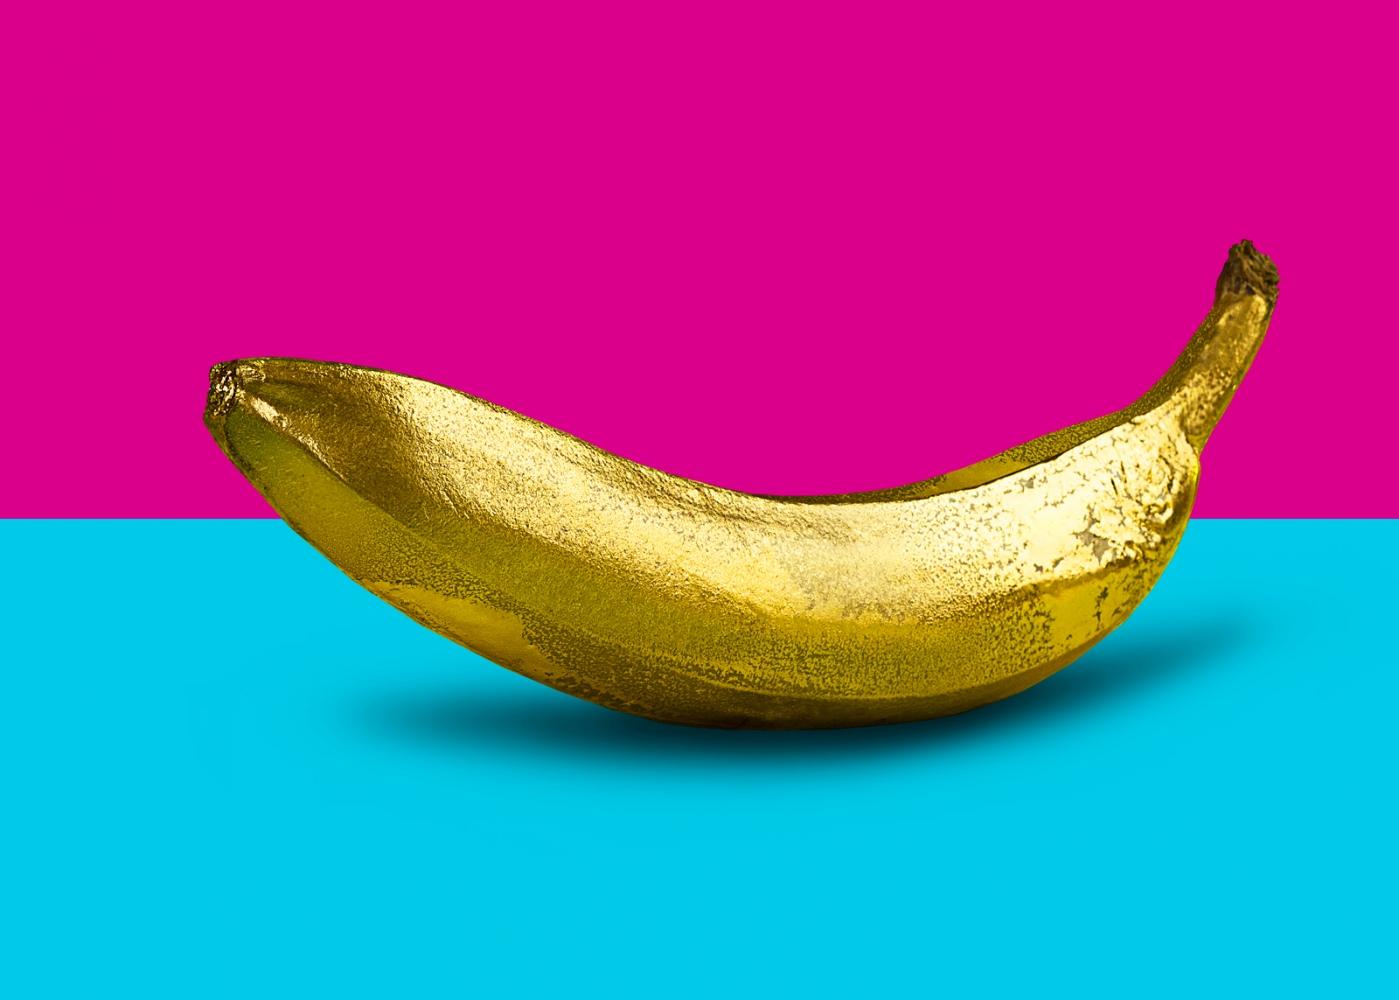 Banana Golden Pop Art Studio 2